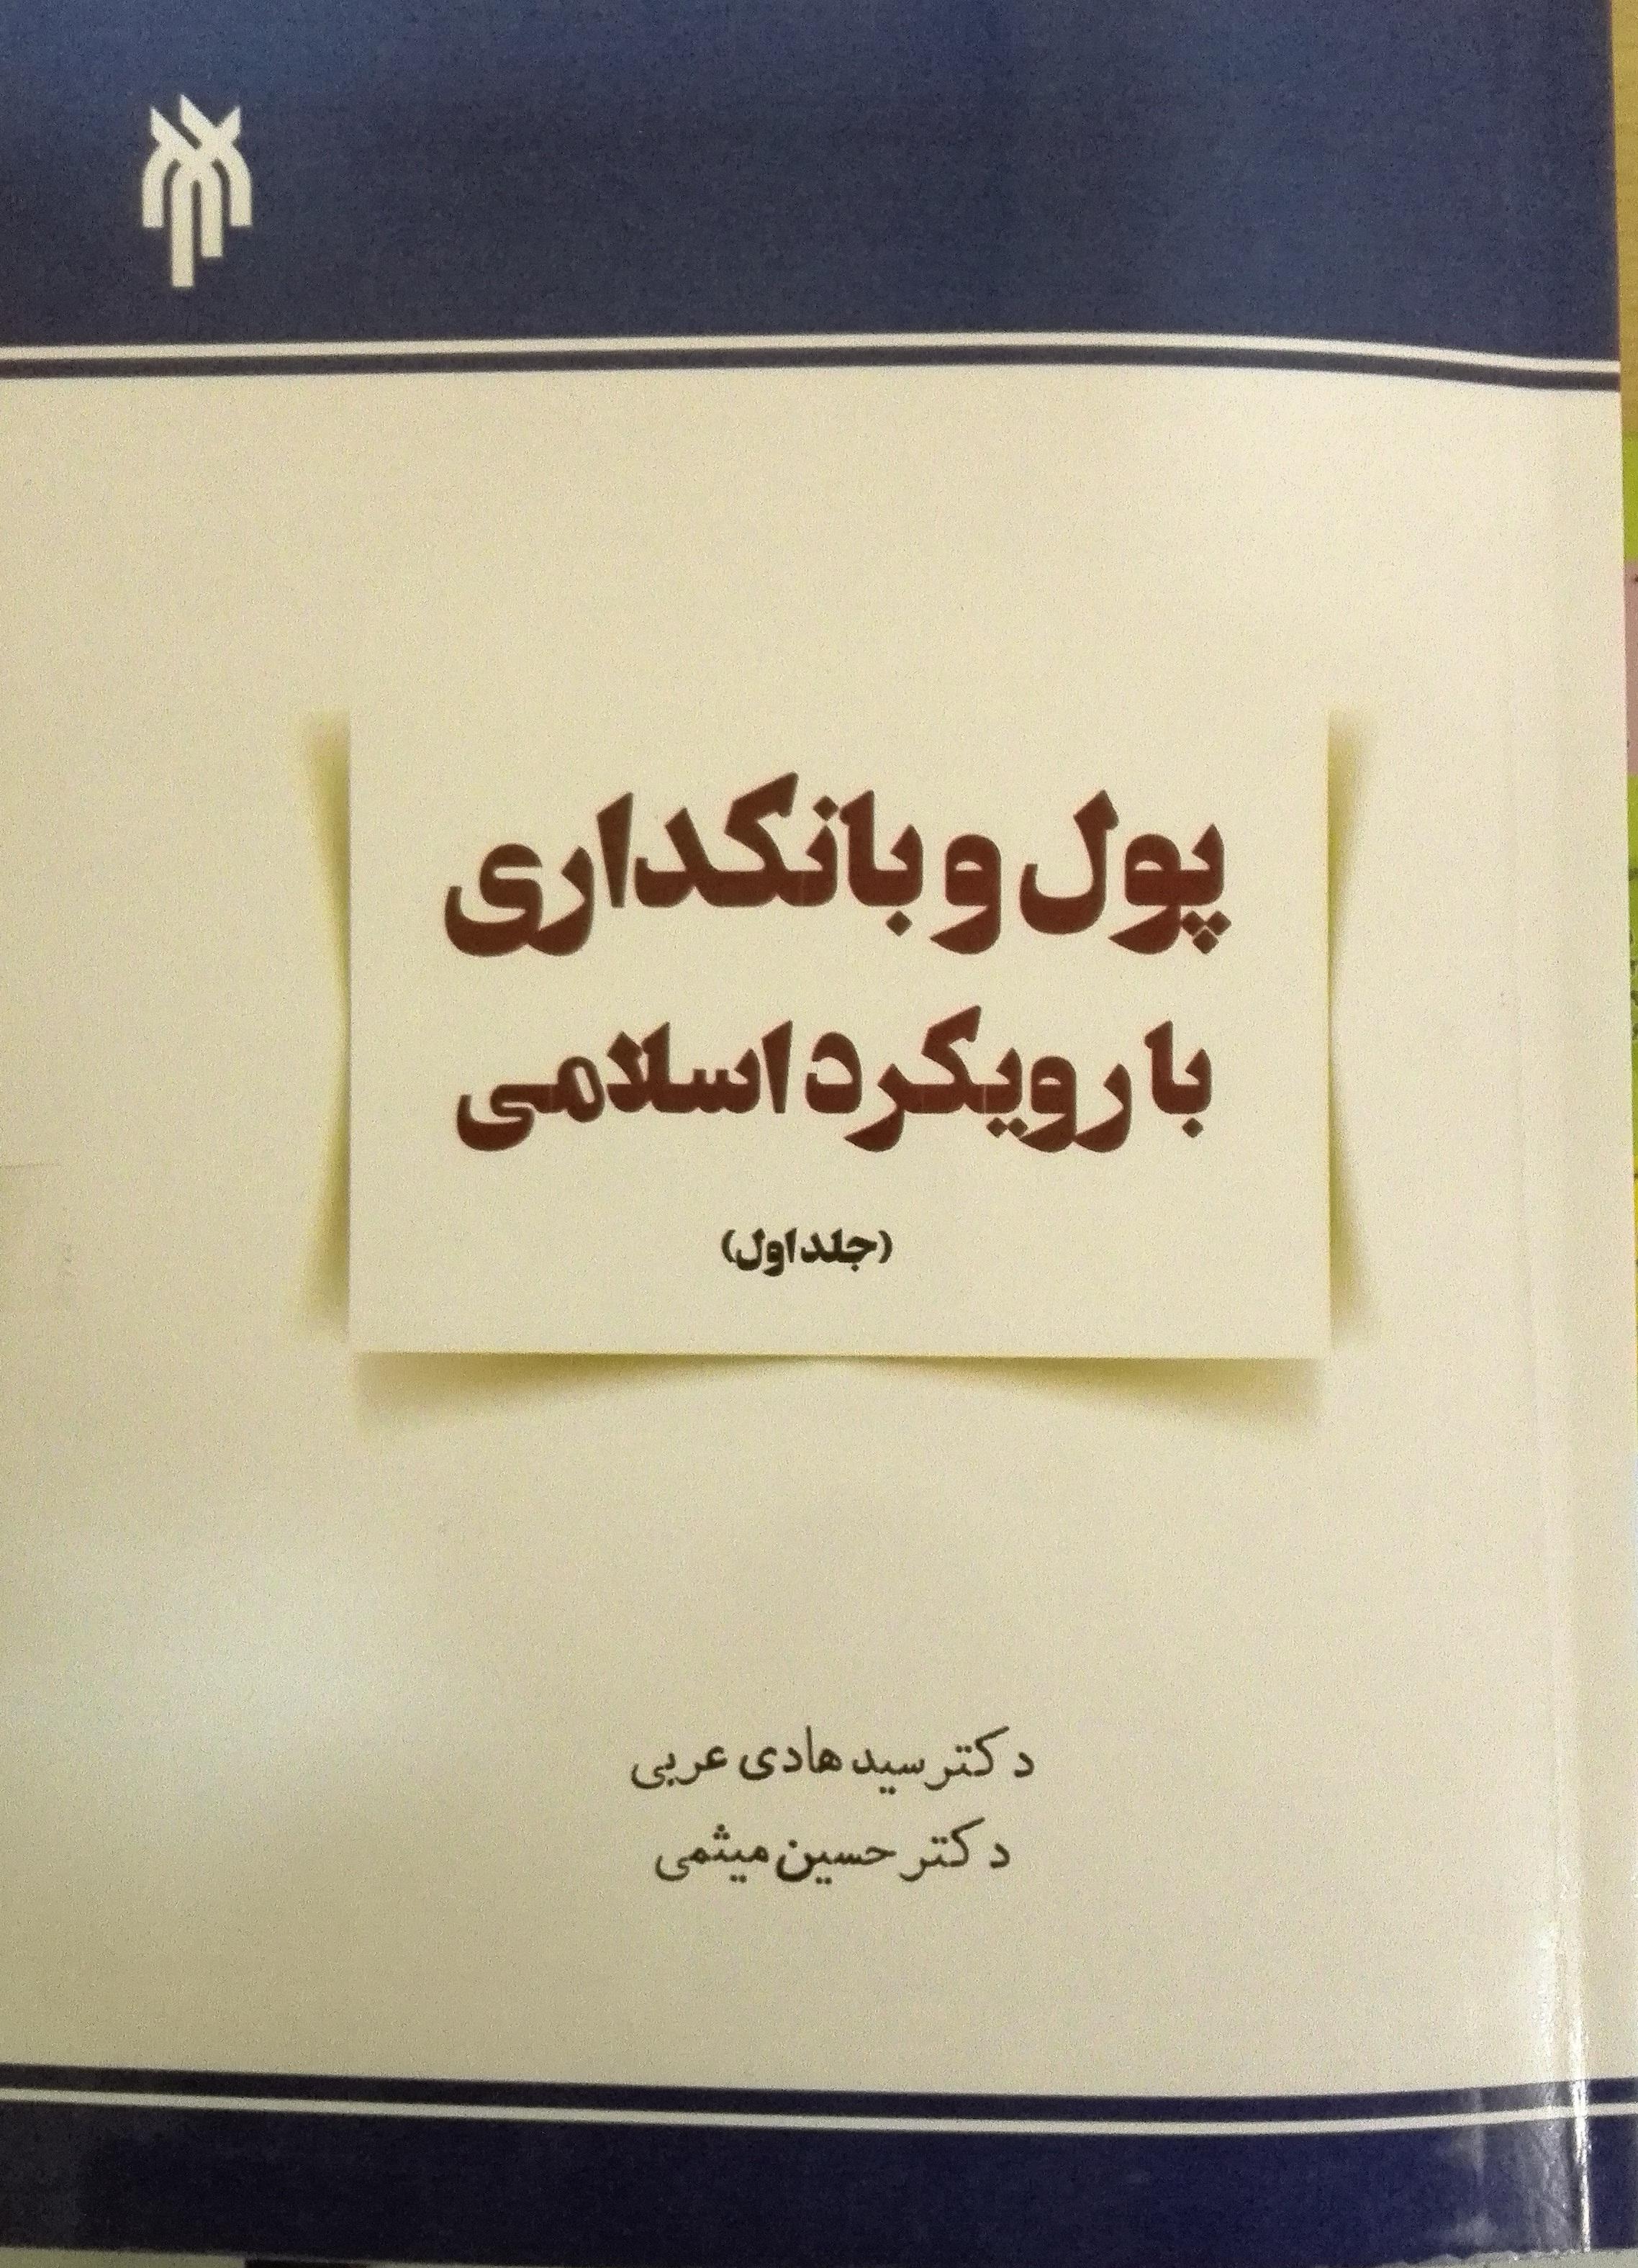 پول و بانکداری با رویکرد اسلامی (جلد اول)